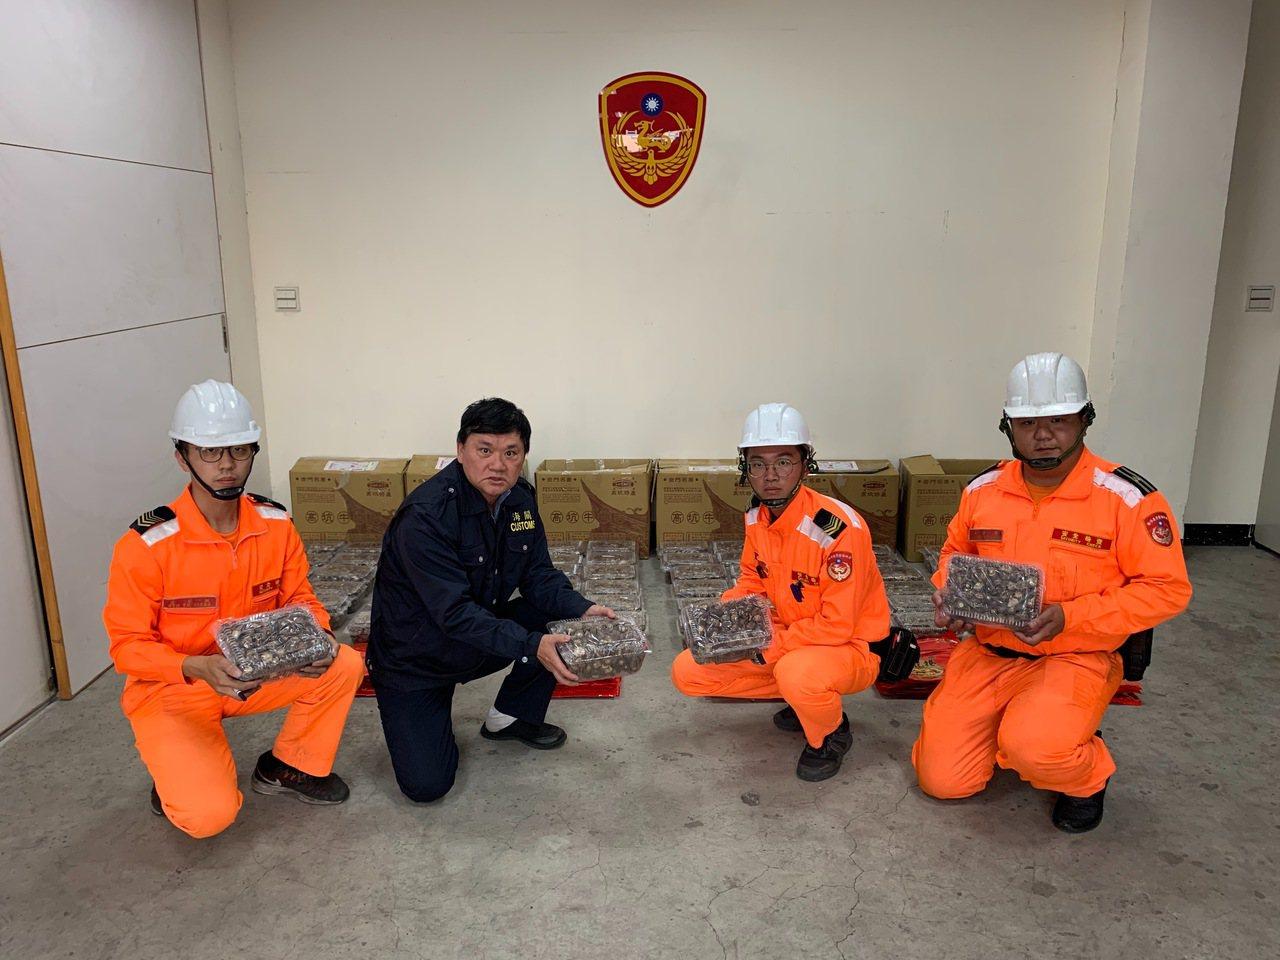 第九岸巡隊料羅商港安檢所人員在進行貨物拆檢時,意外查獲新式偽裝麻花捲袋藏香菇手法...